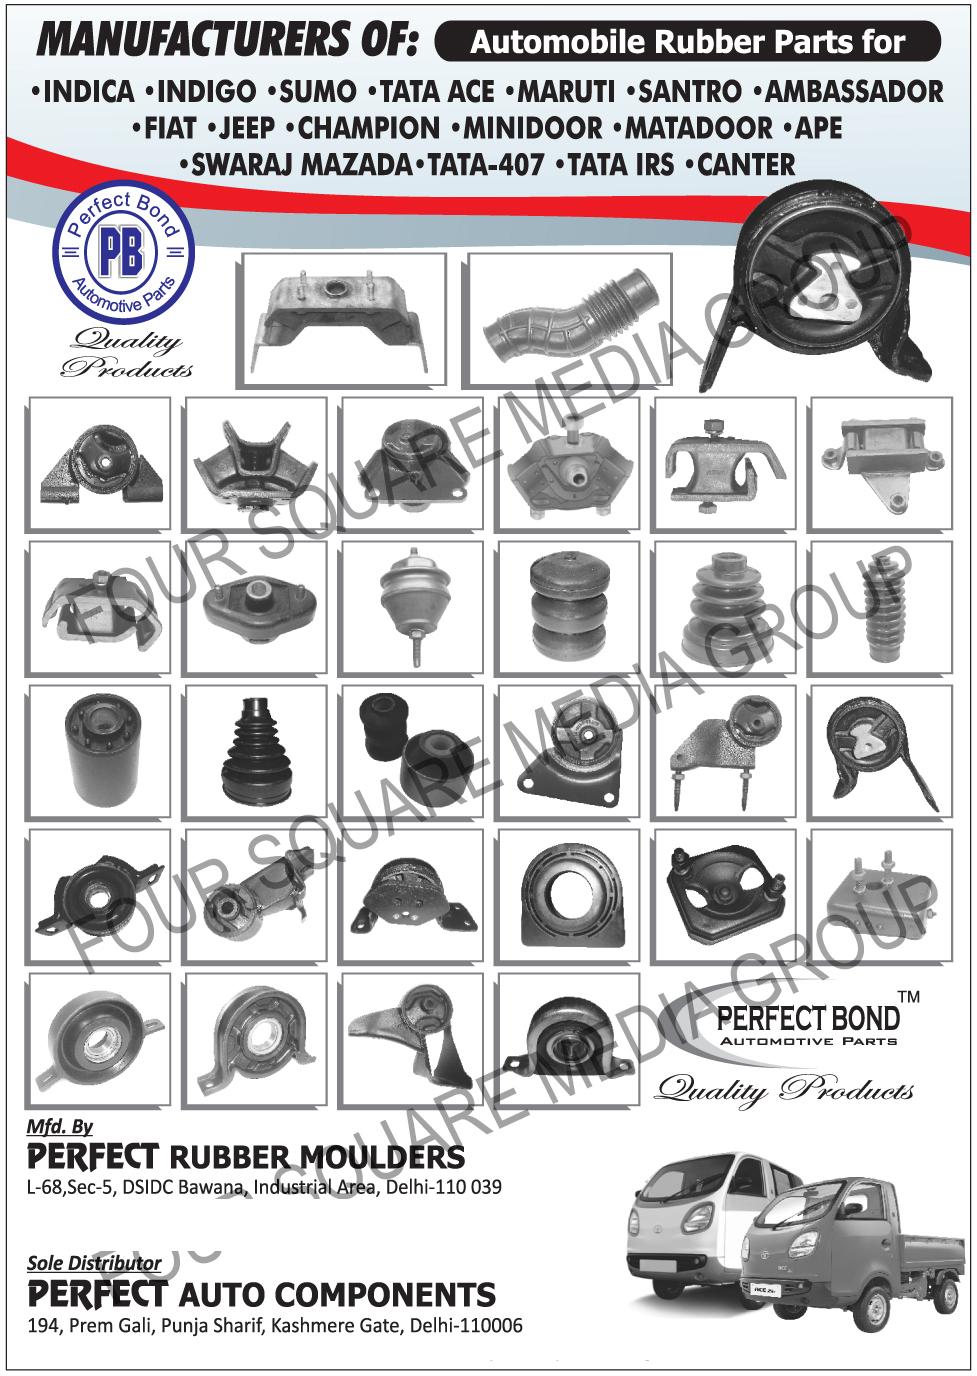 Perfect Rubber Moulders, Delhi, Manufacturer of - Automotive ...